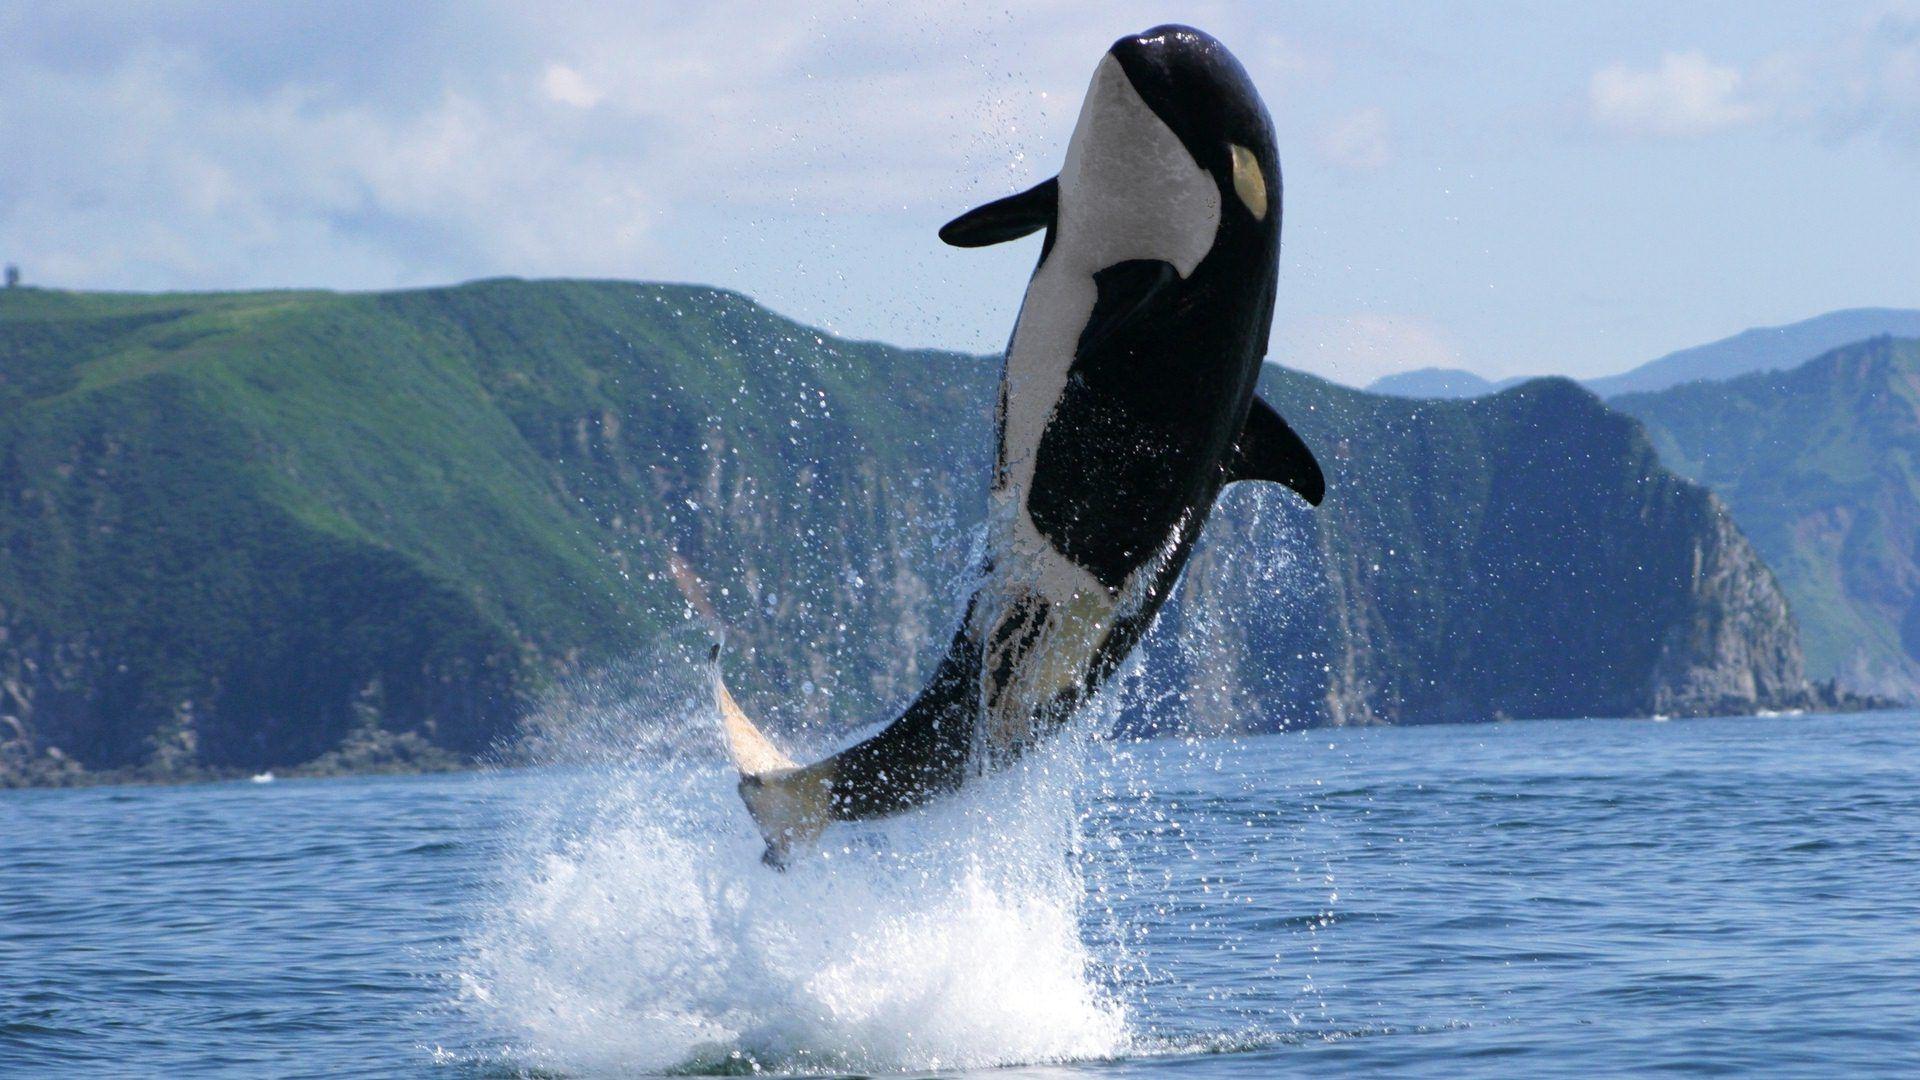 Killer whale 4g 19201080 pinterest killer whale 4g 19201080 thecheapjerseys Images